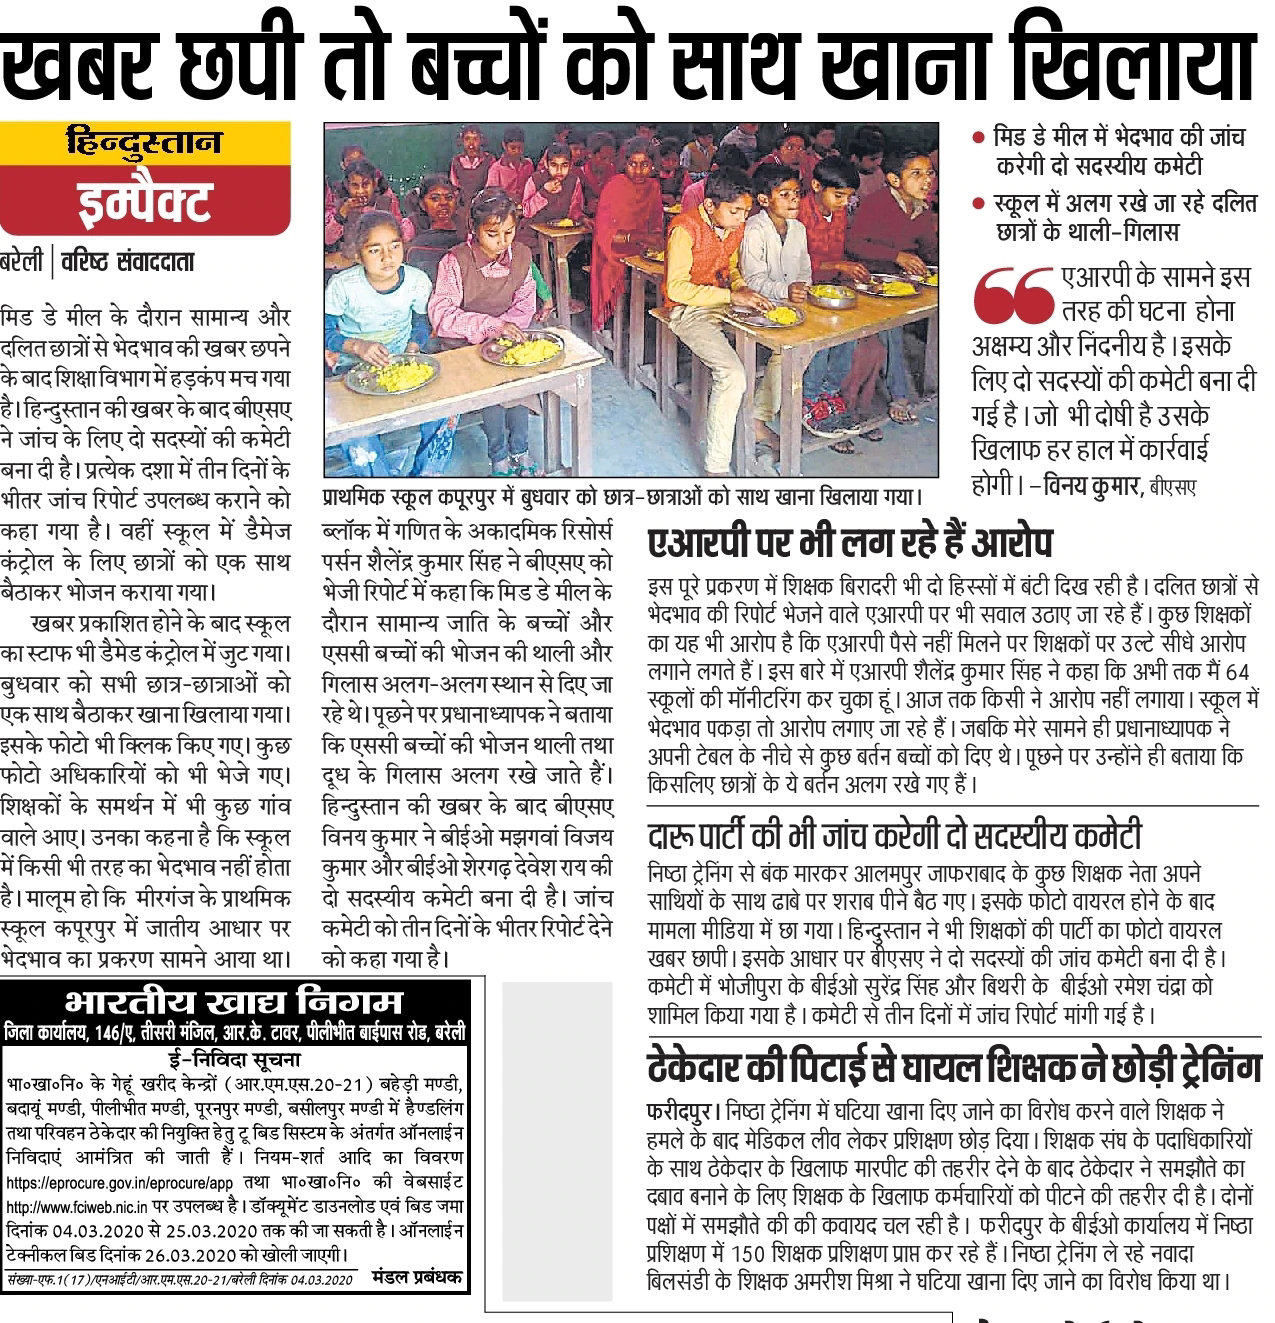 मिड डे मील में दलित छात्रों से भेदभाव, ARP के रिपोर्ट से मचा हड़कंप